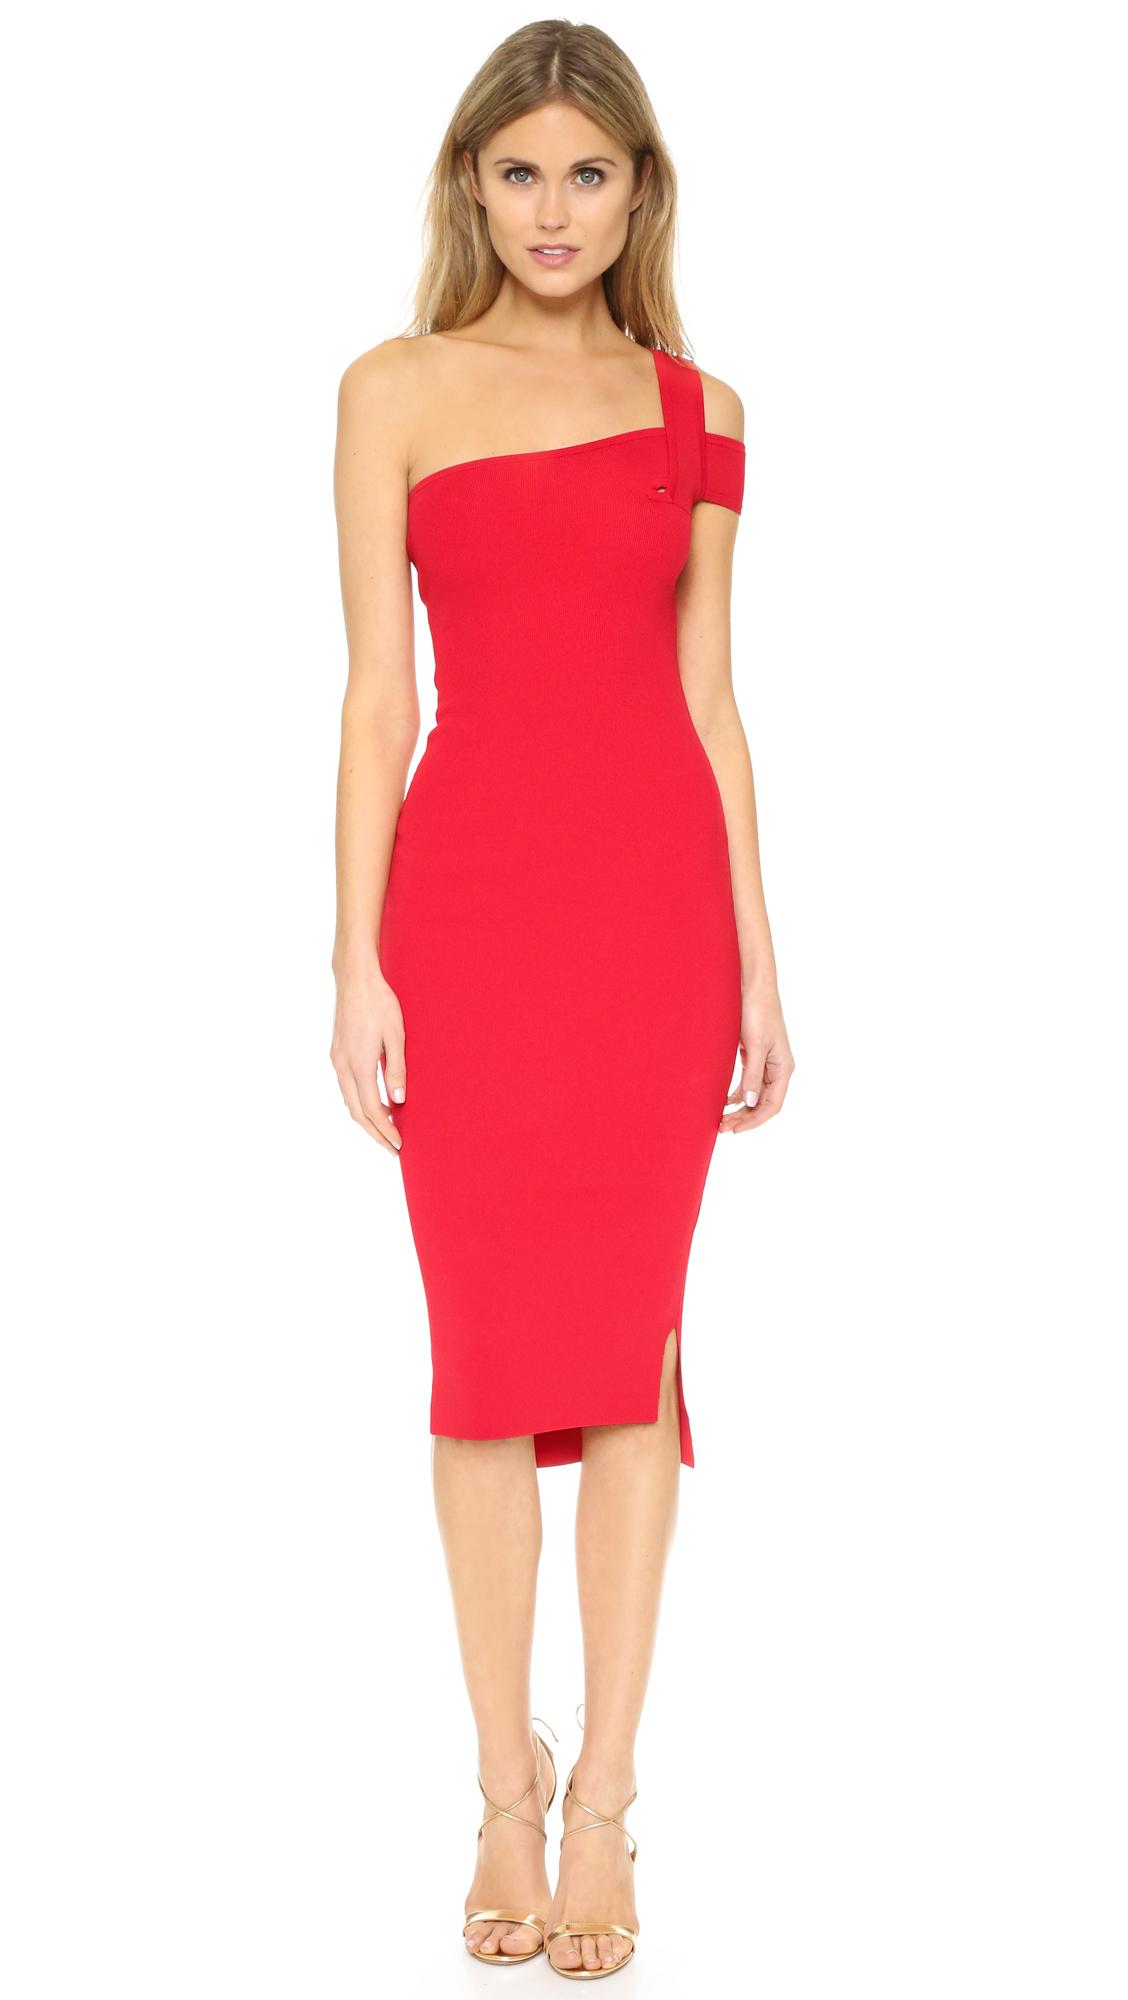 One Shoulder Red Dress Other Dresses Dressesss